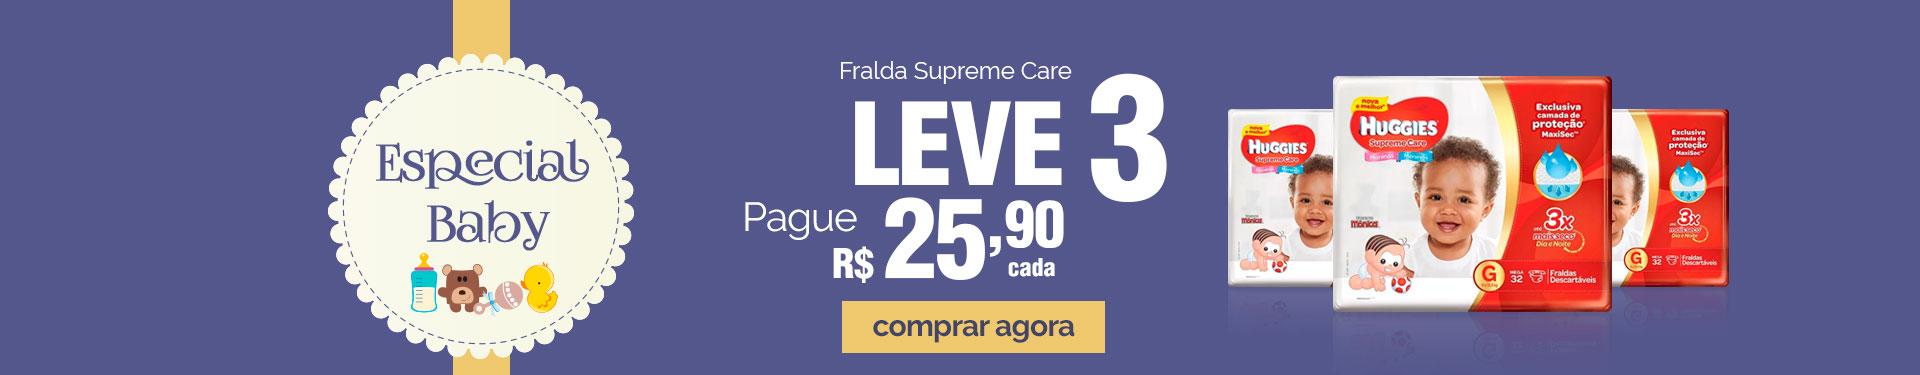 Supreme Care